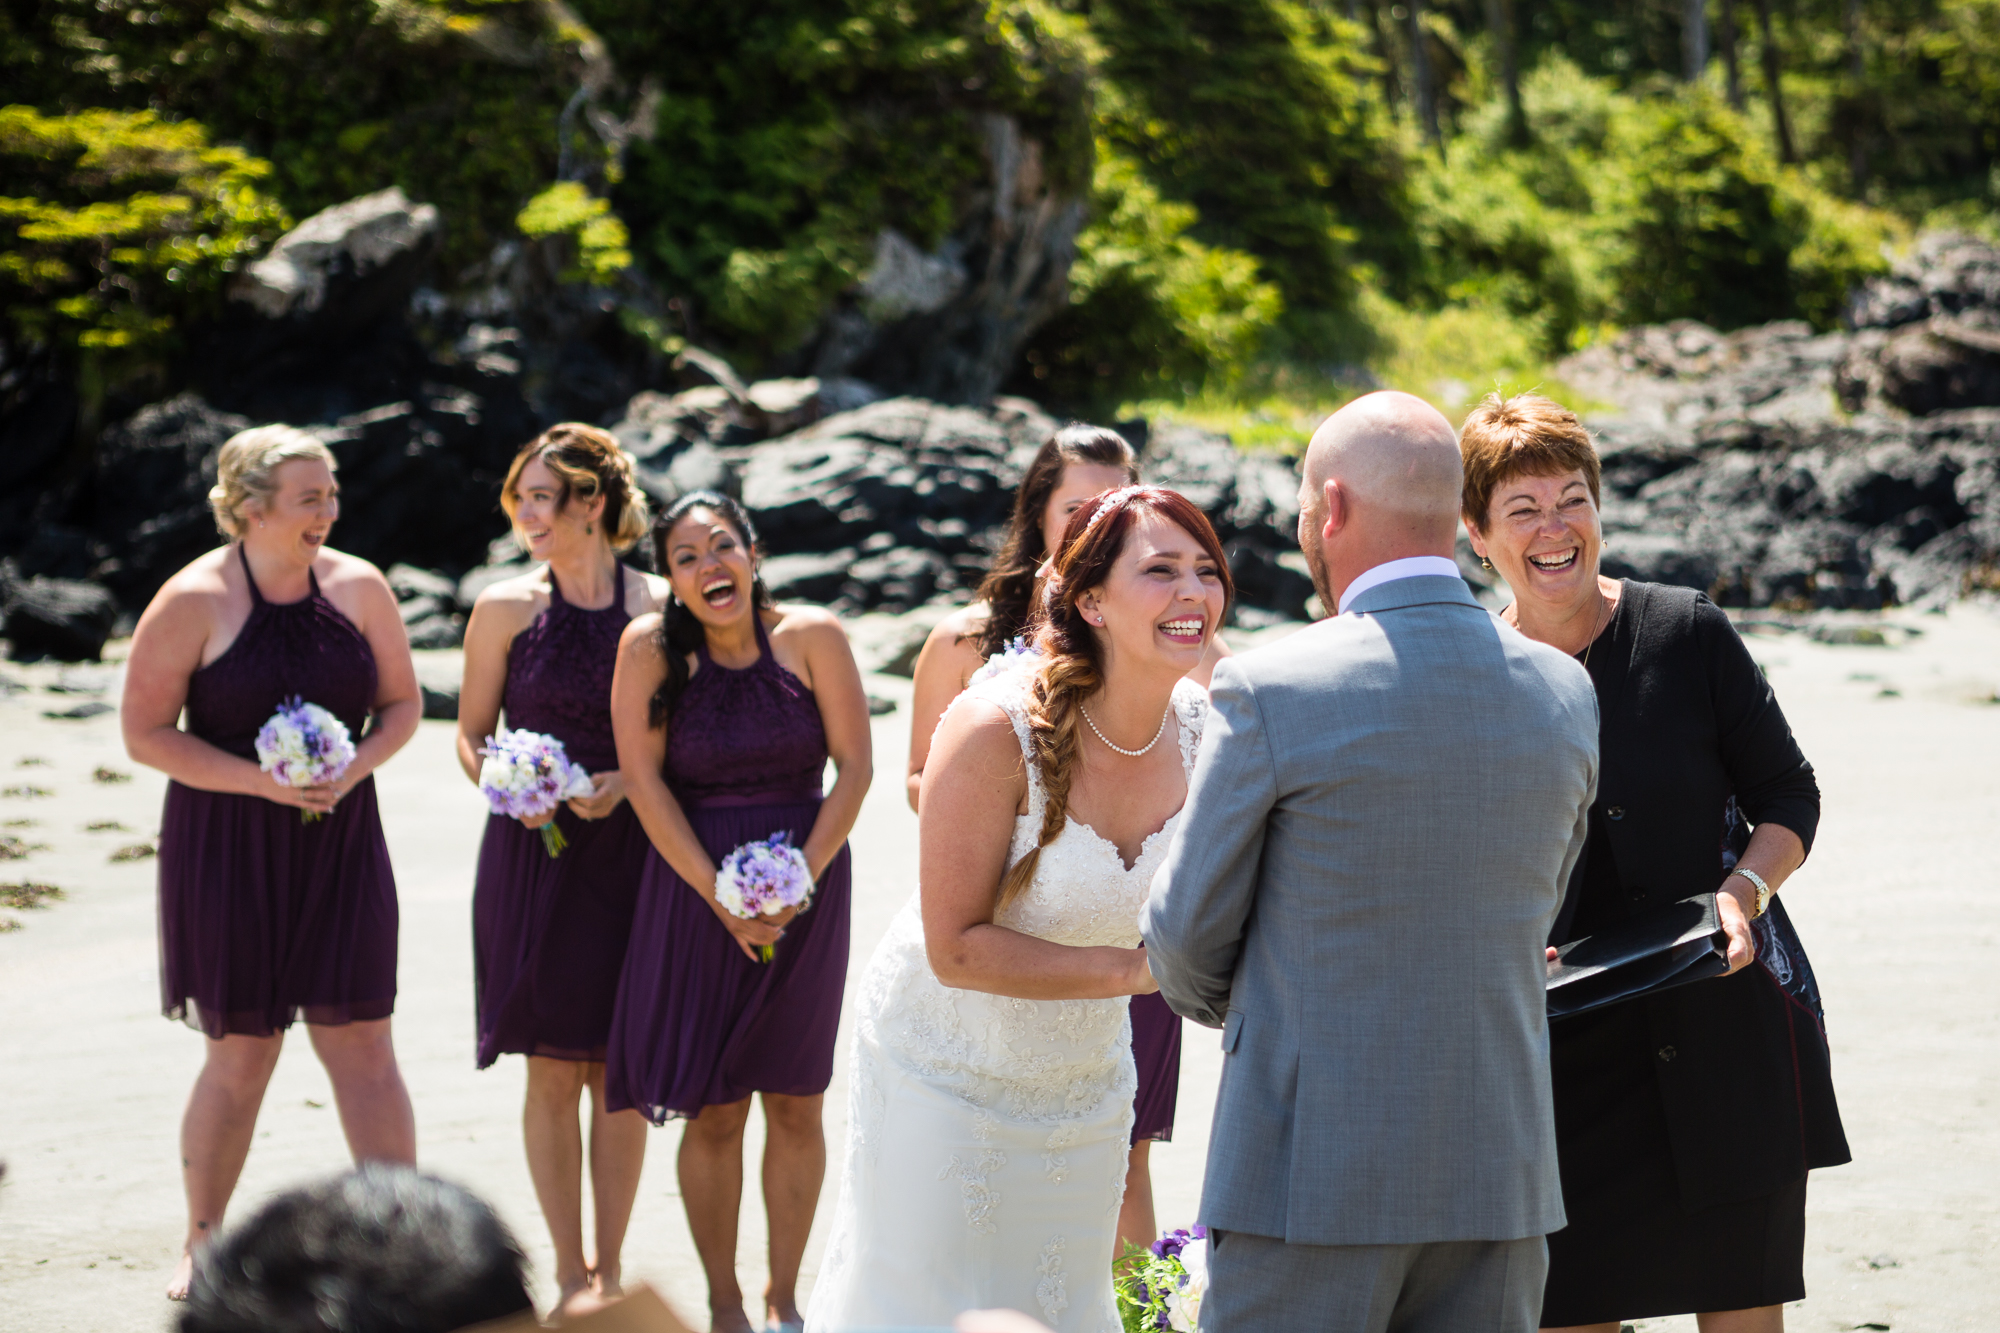 Mackenzie Beach wedding ceremony